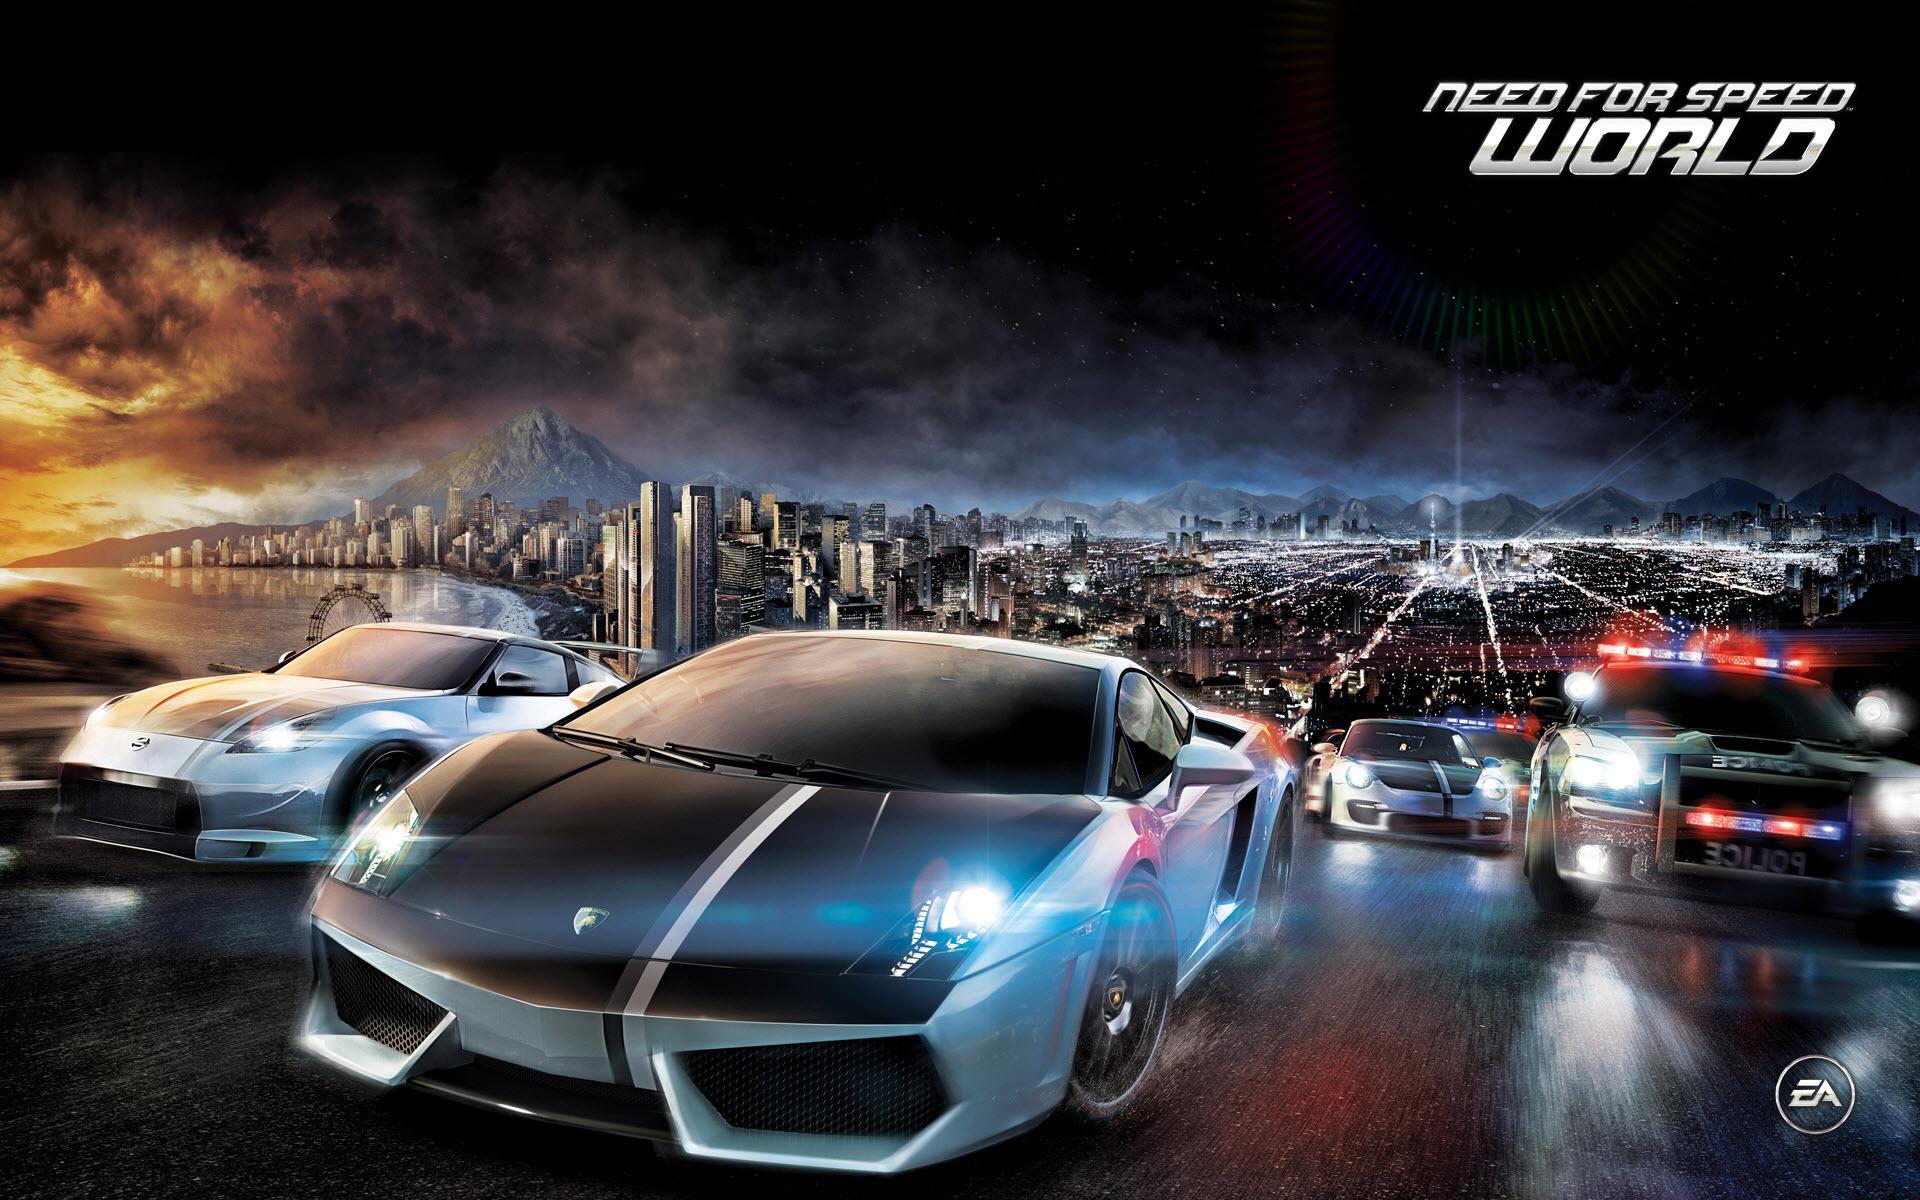 A következő Need for Speed totálisan más játék lesz, mint az eddigiek! Csak 2015-ben érkezik az új NFS